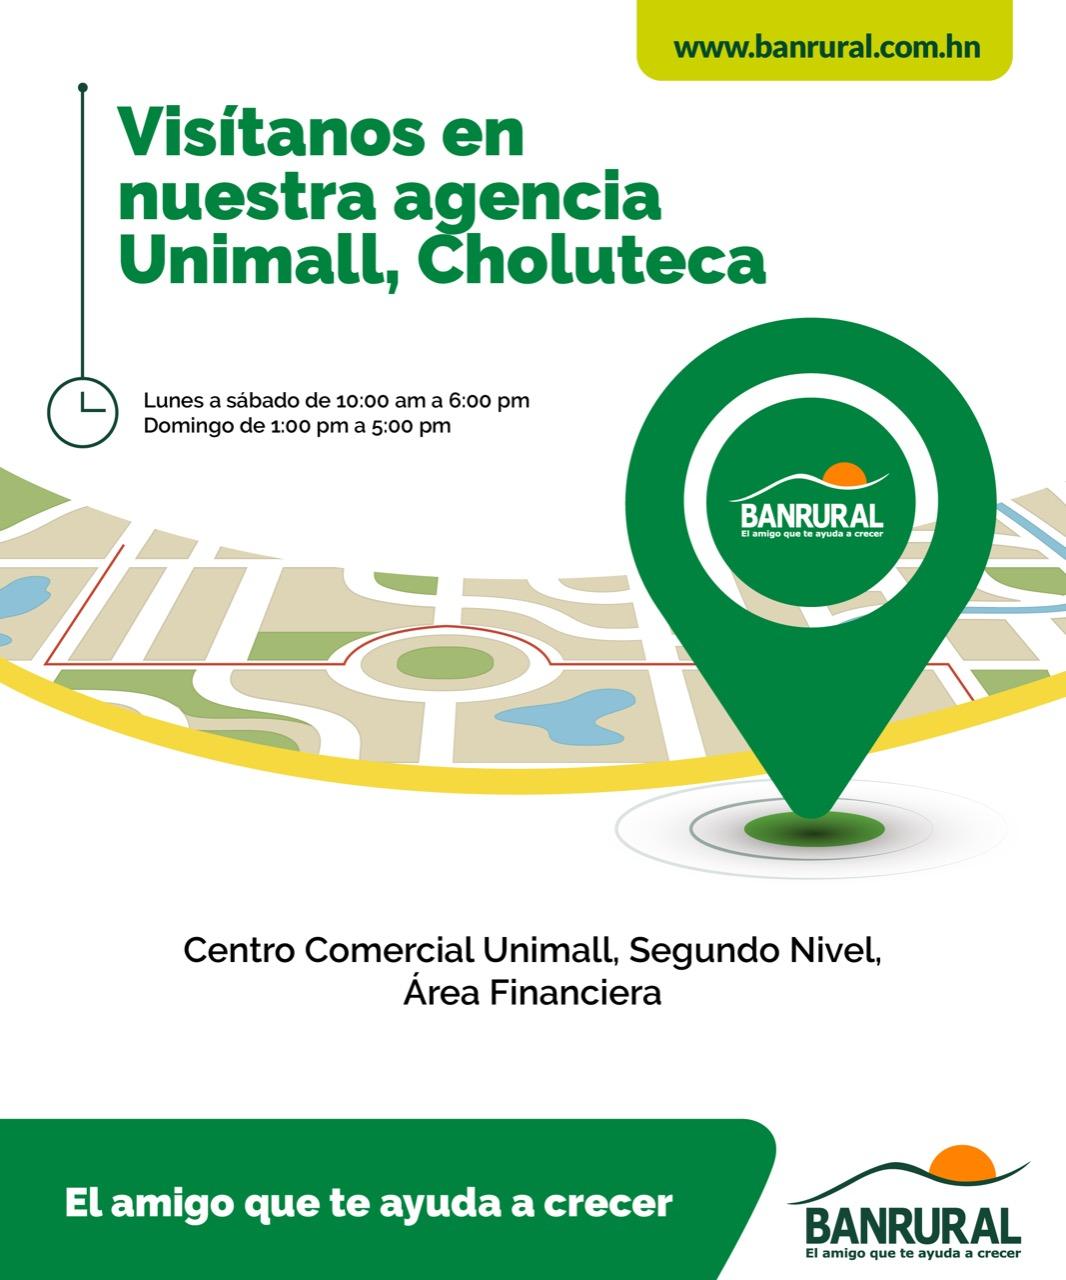 Centro Comercial Unimall, Segundo Nivel, Área Financiera